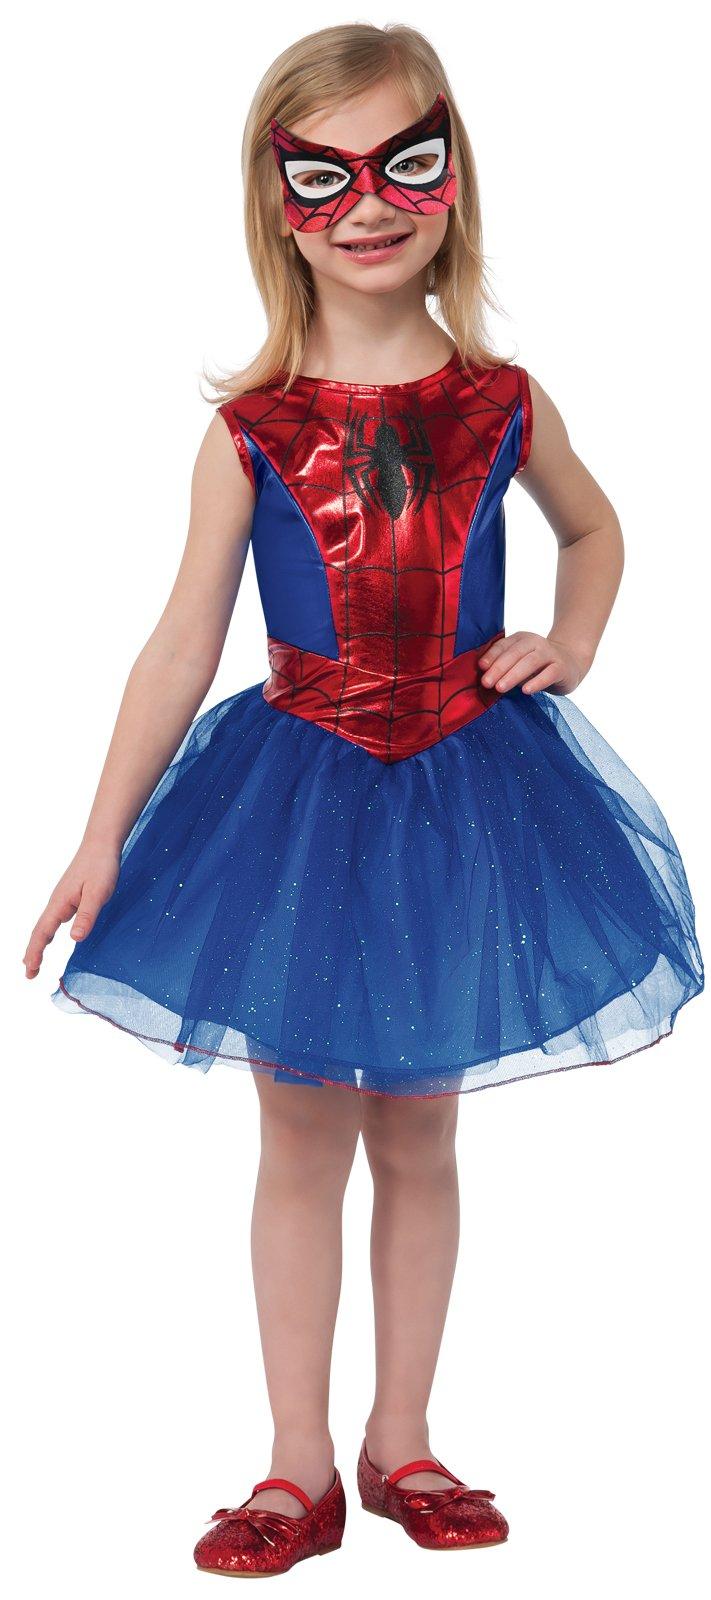 - 71pzU9mAm2L - Spider Girl Tutu Costume